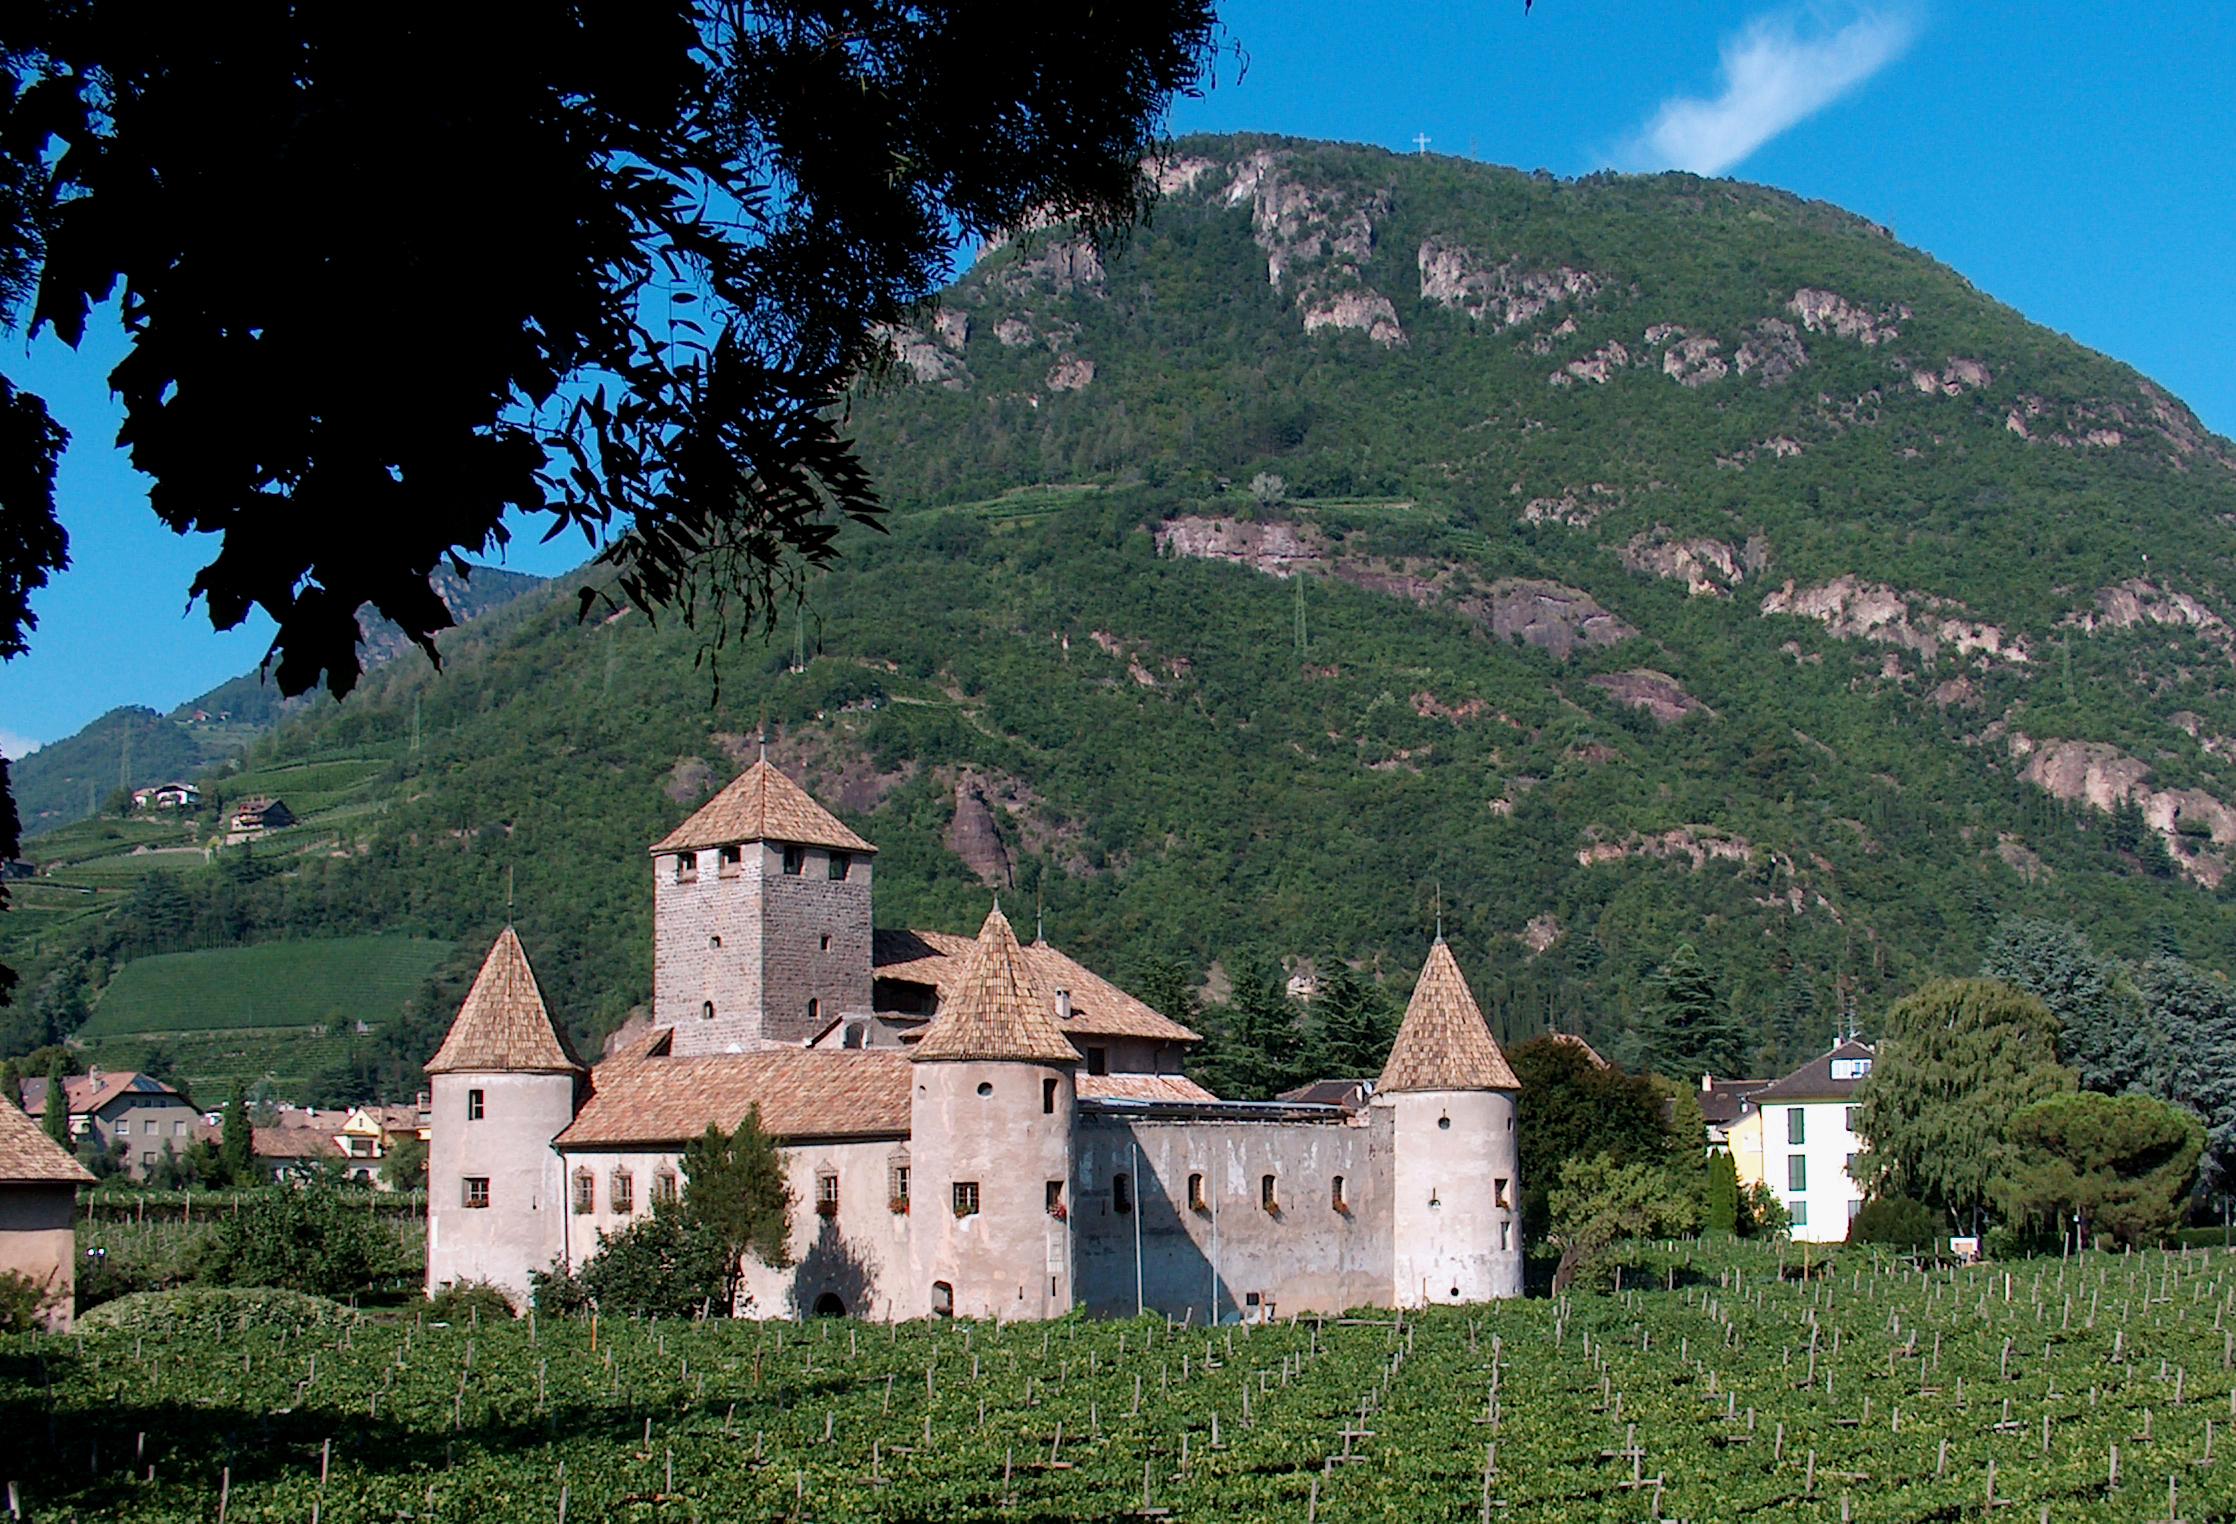 Castel Mareccio in Bolzano, Alto Adige